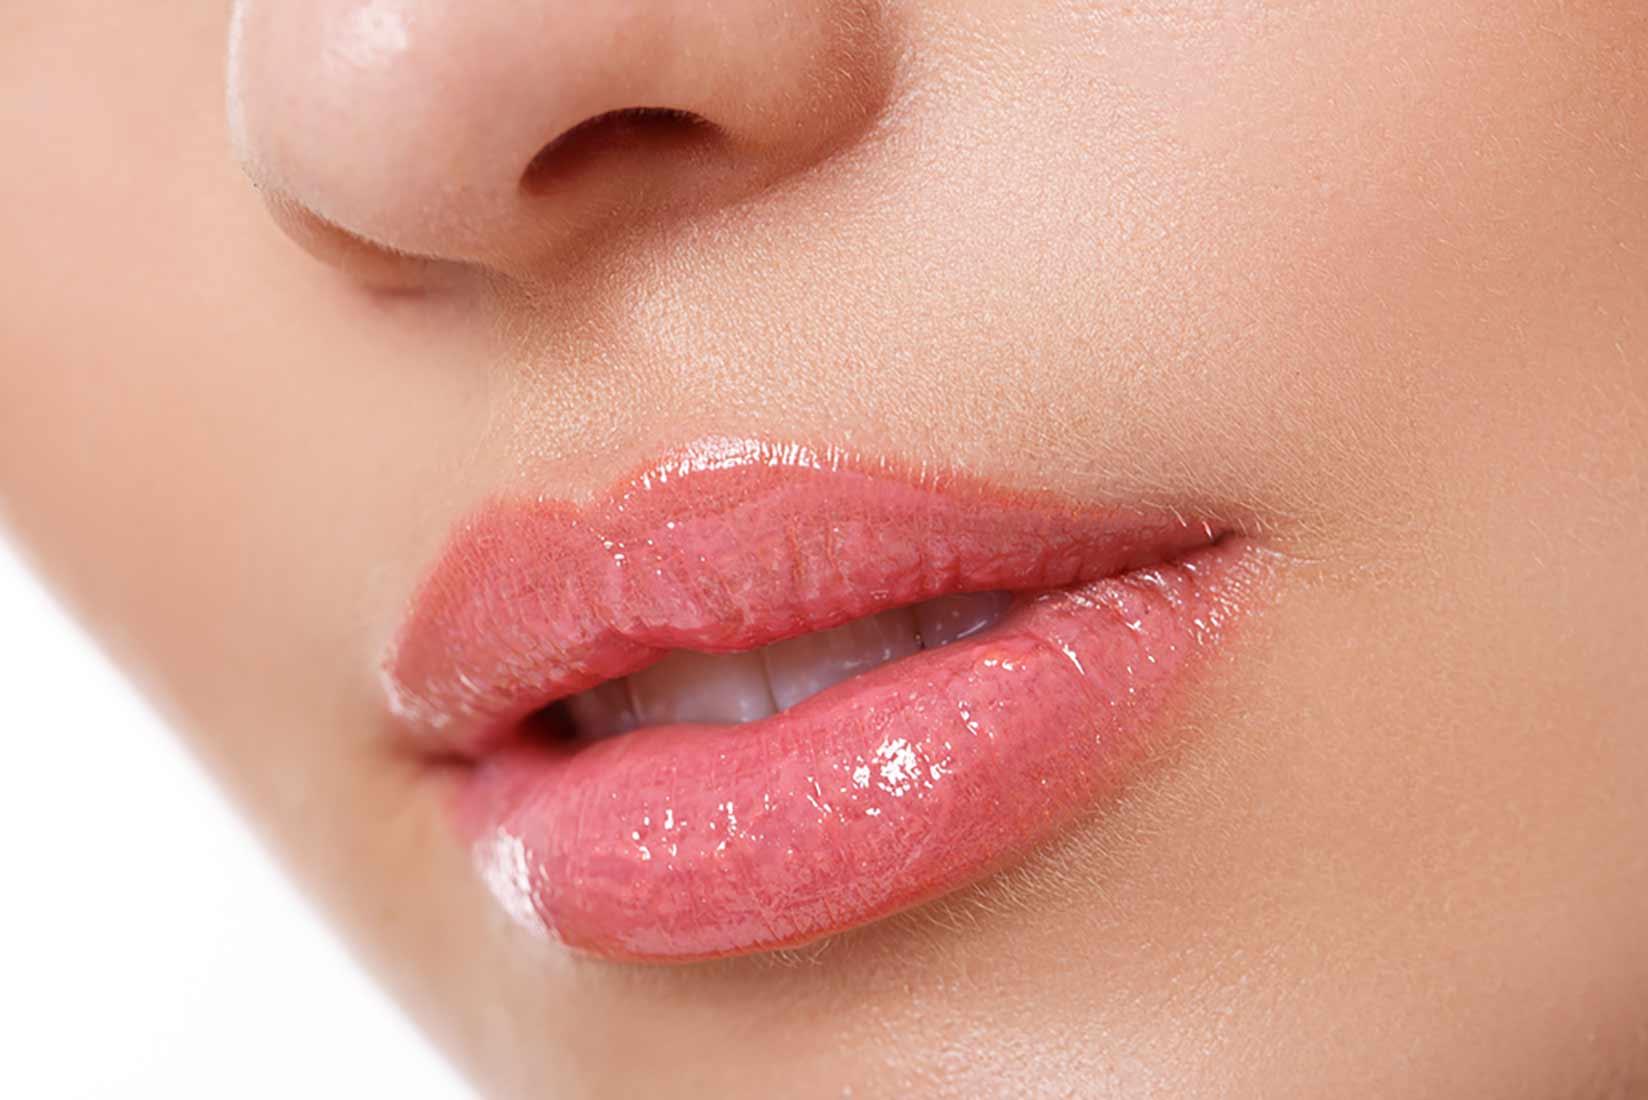 mejores balsamos labiales